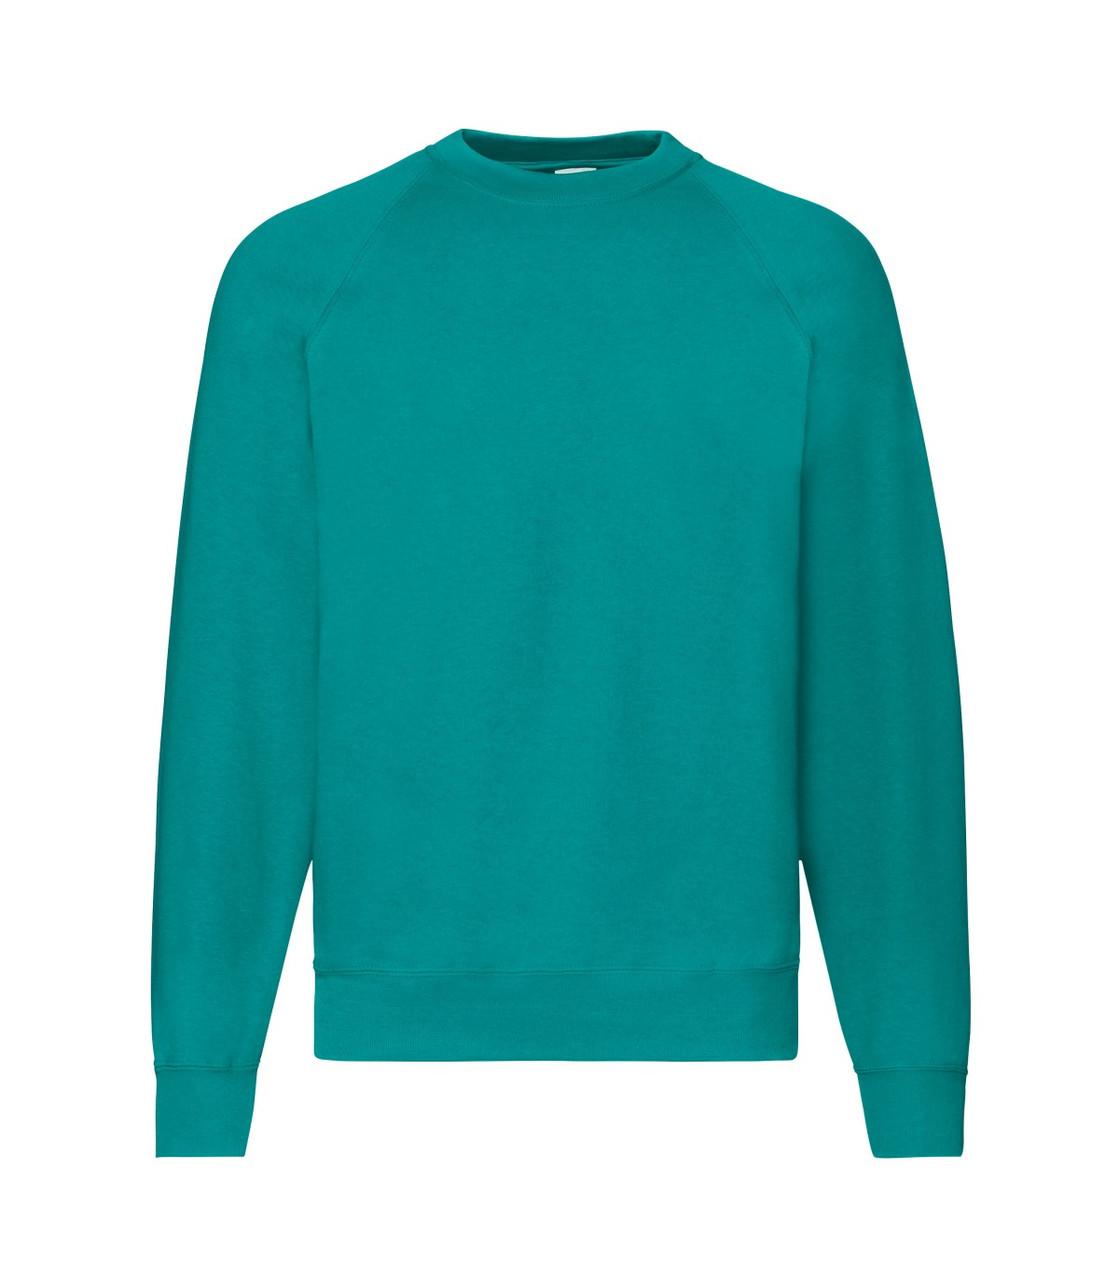 Мужской свитер-реглан утепленный изумрудный 216-77